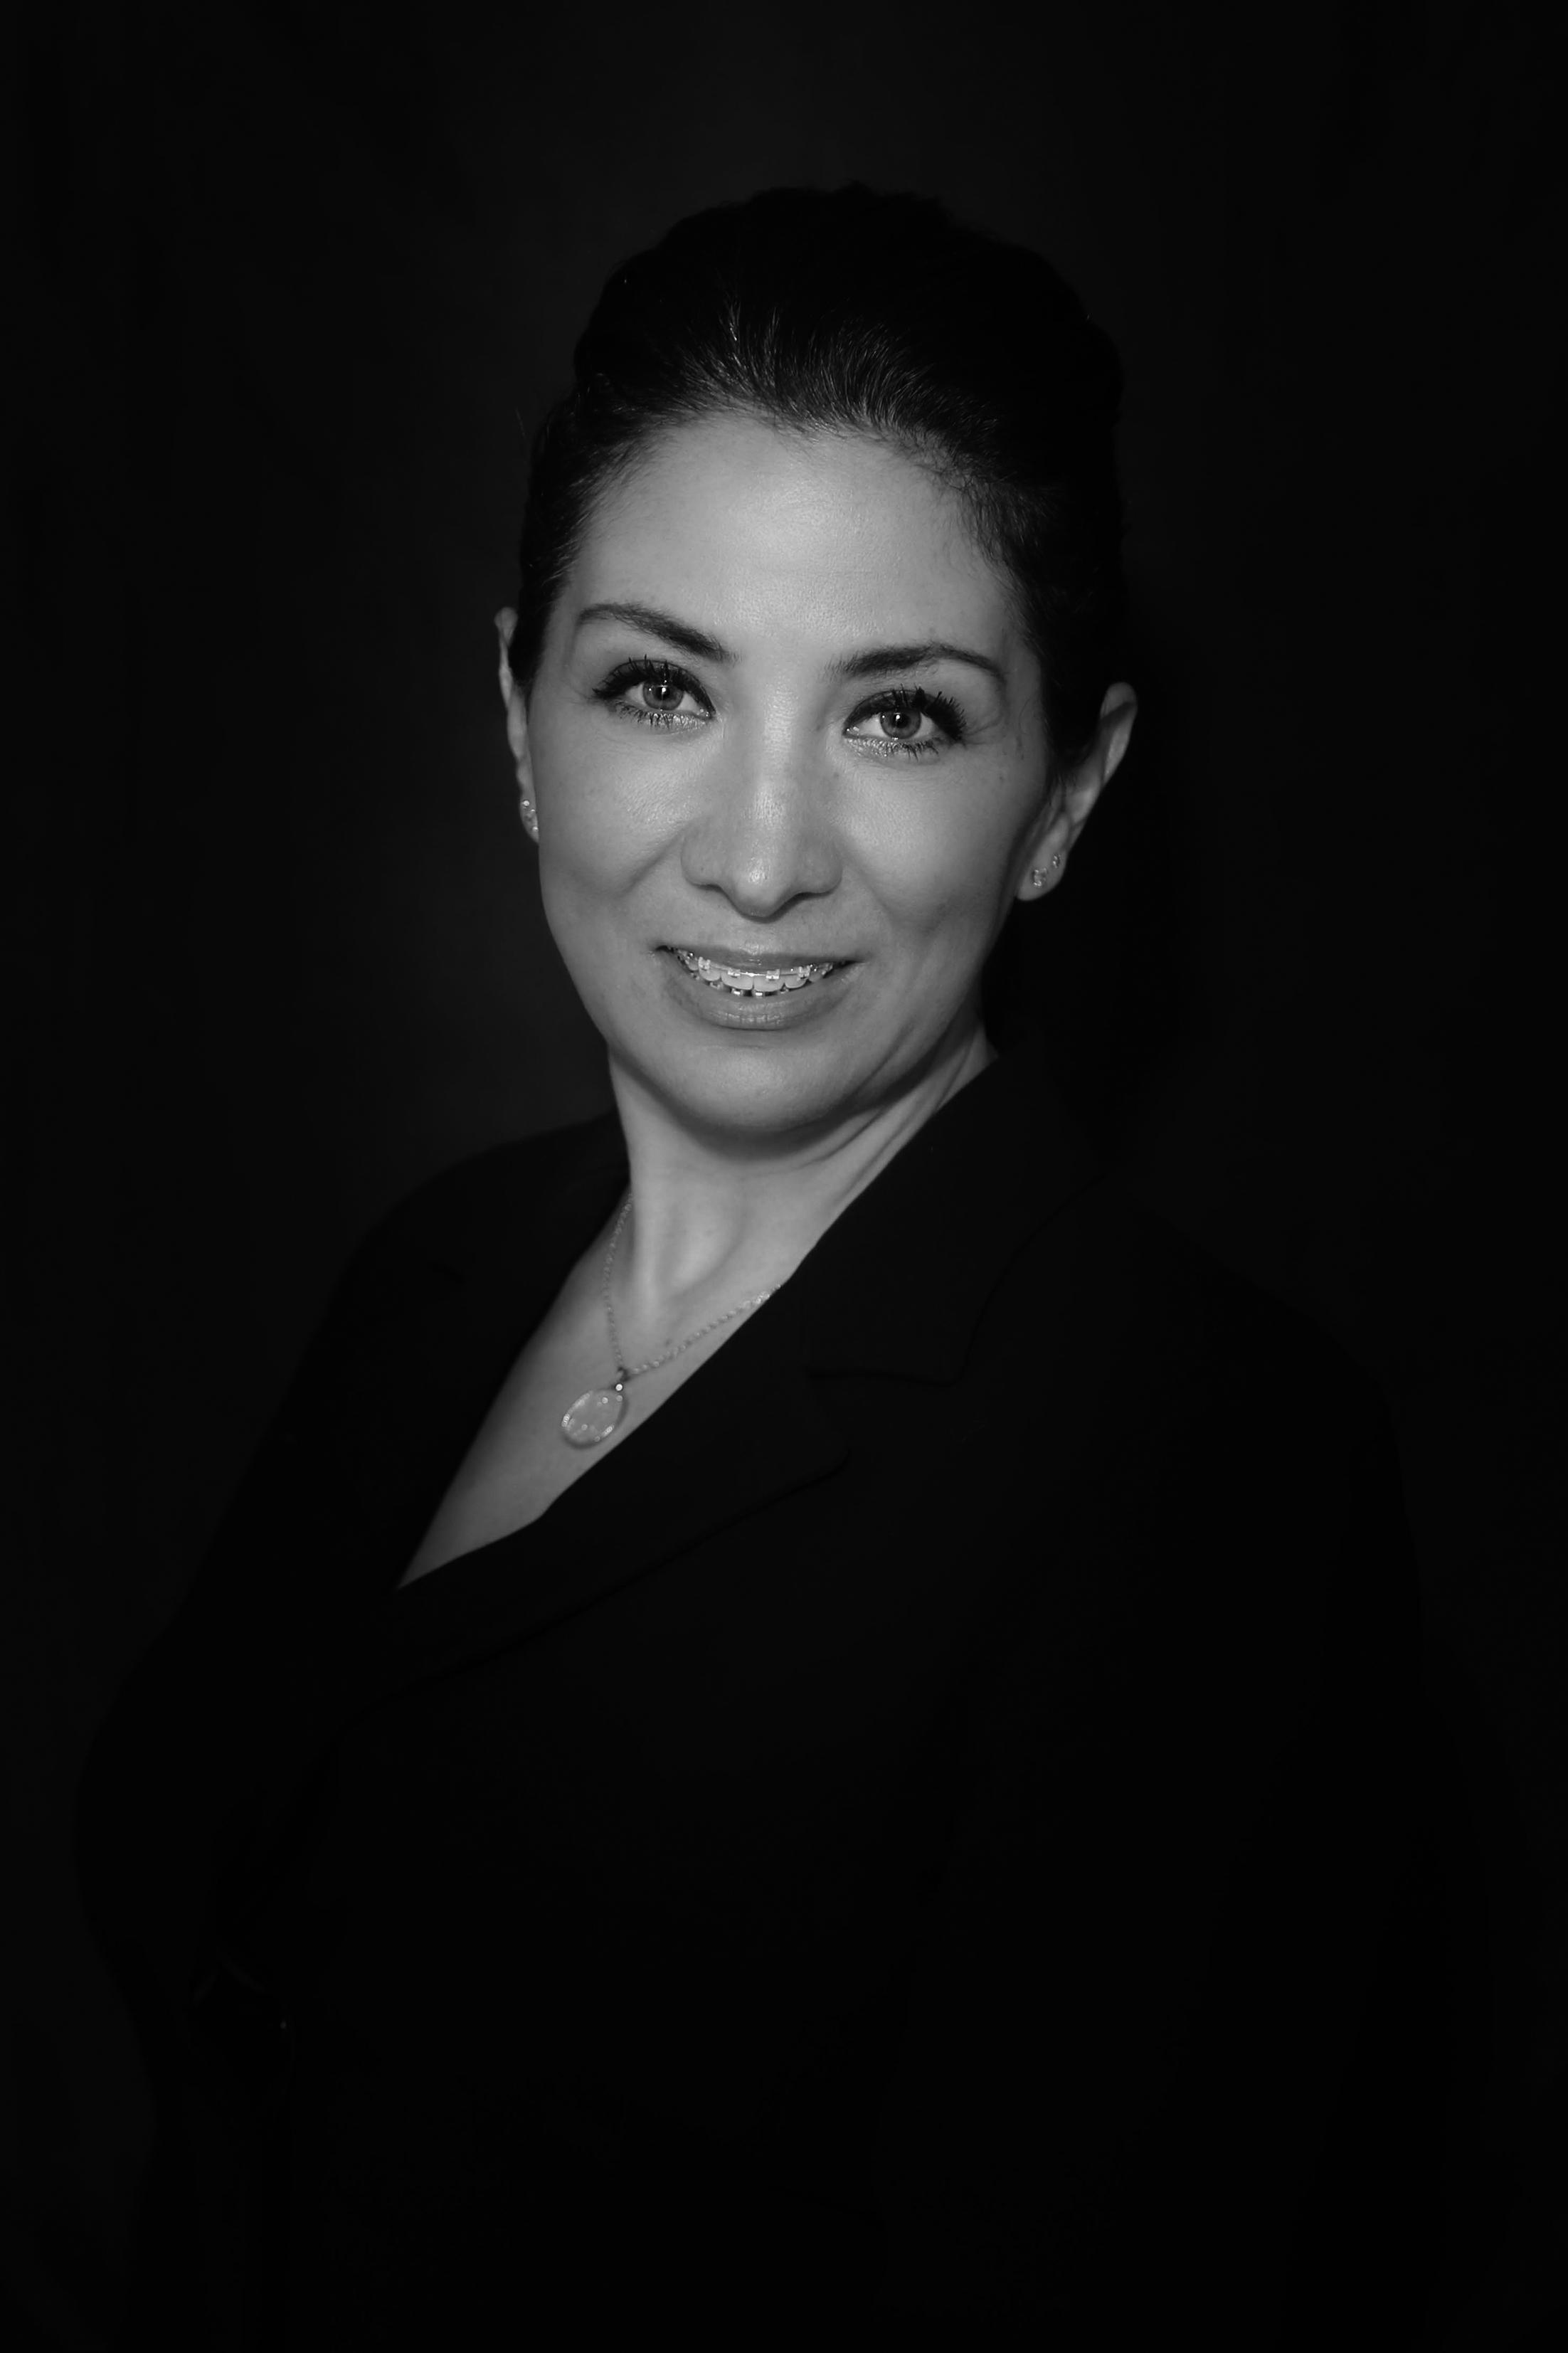 Mayte Calderón de la Barca